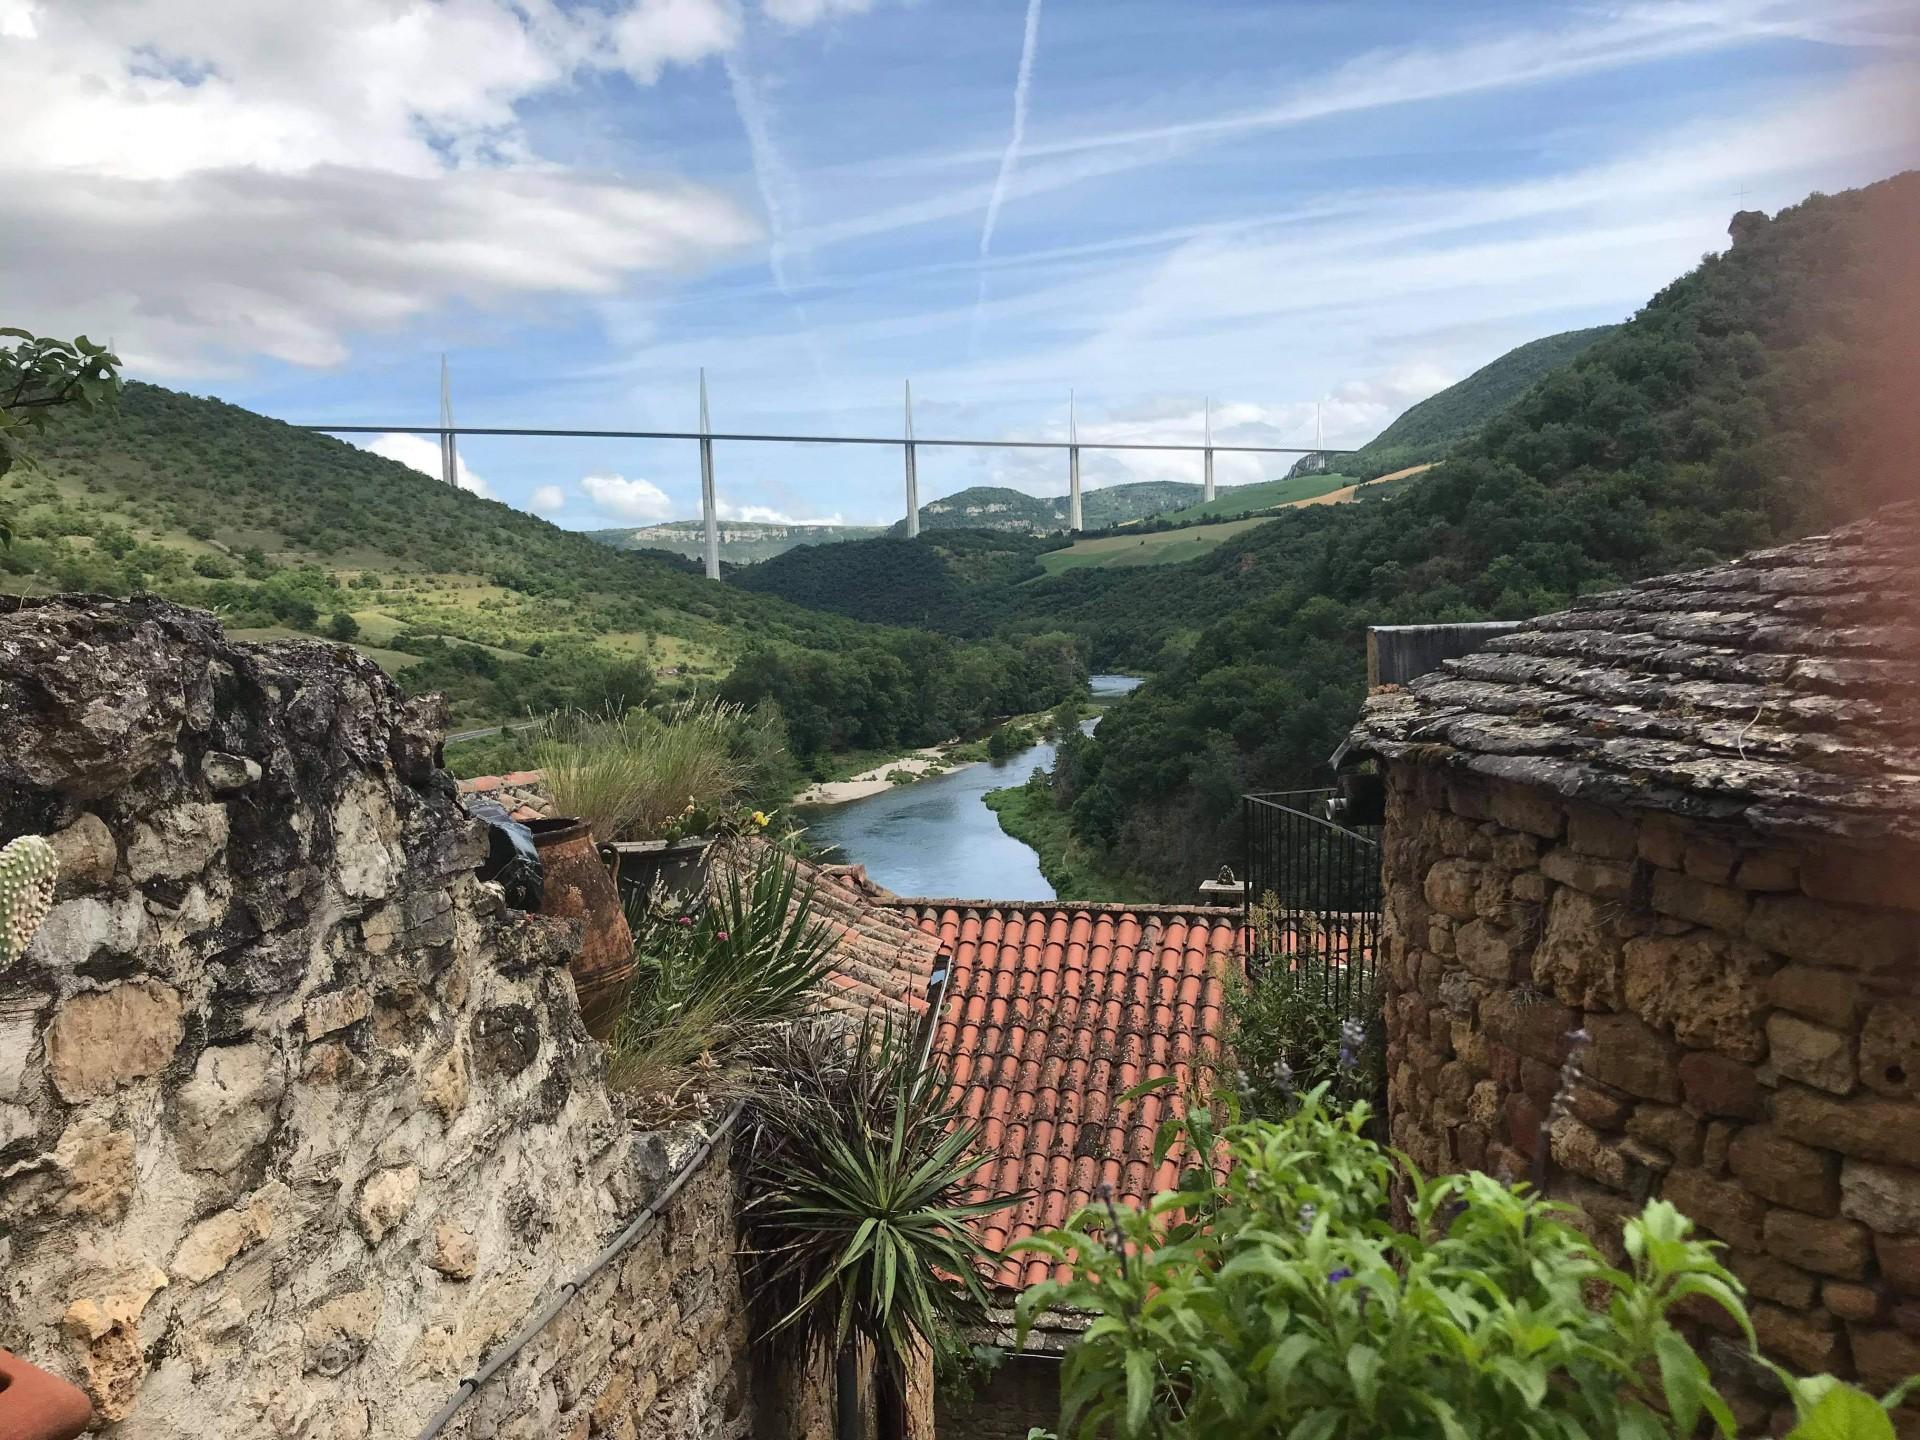 vue du viaduc depuis le village de Peyre